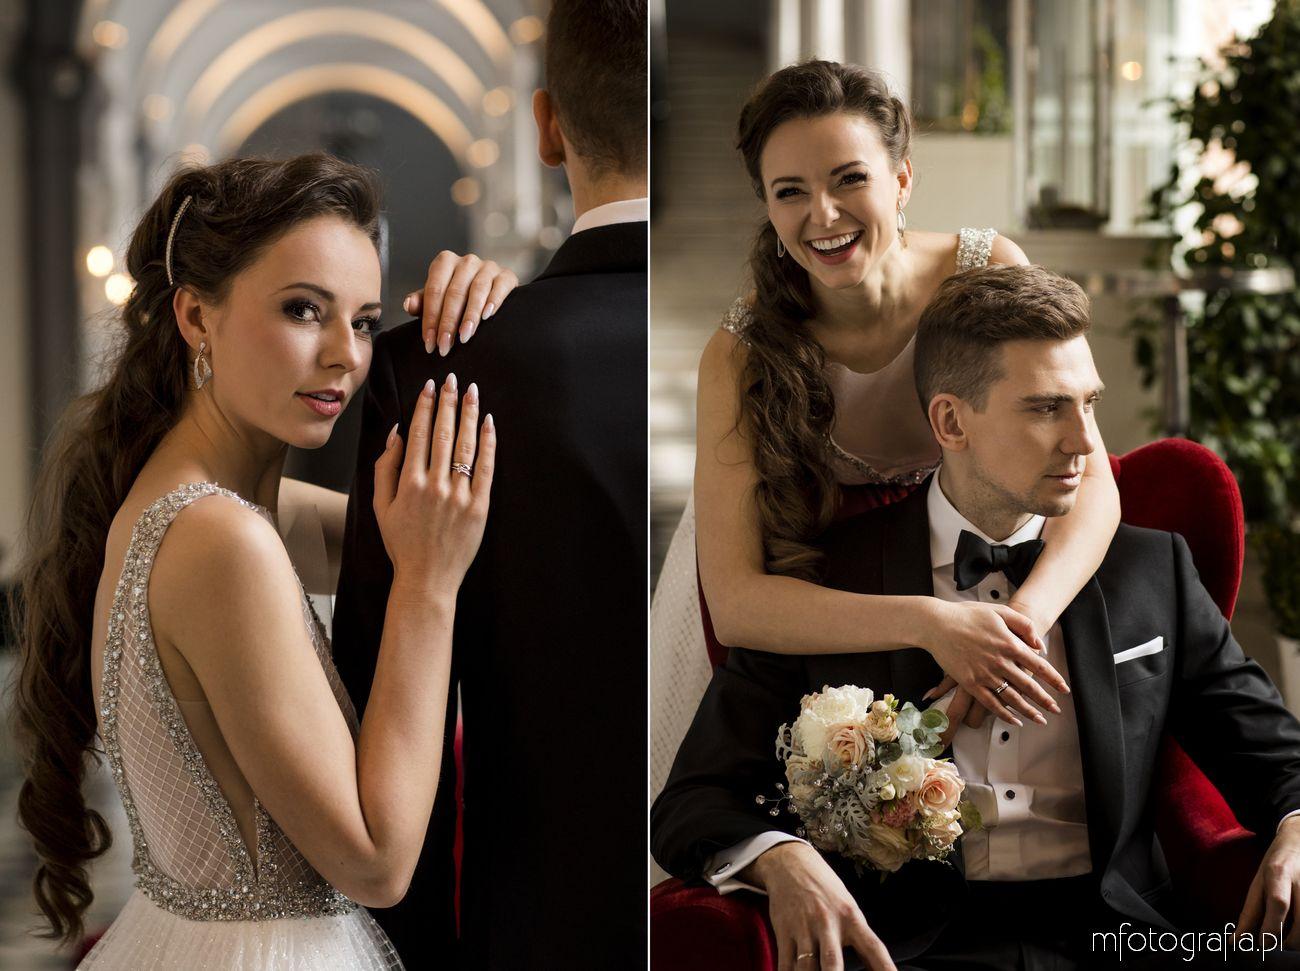 Ekspresyjna sesja ślubna glamour w Endorfinie z portretami Młodych